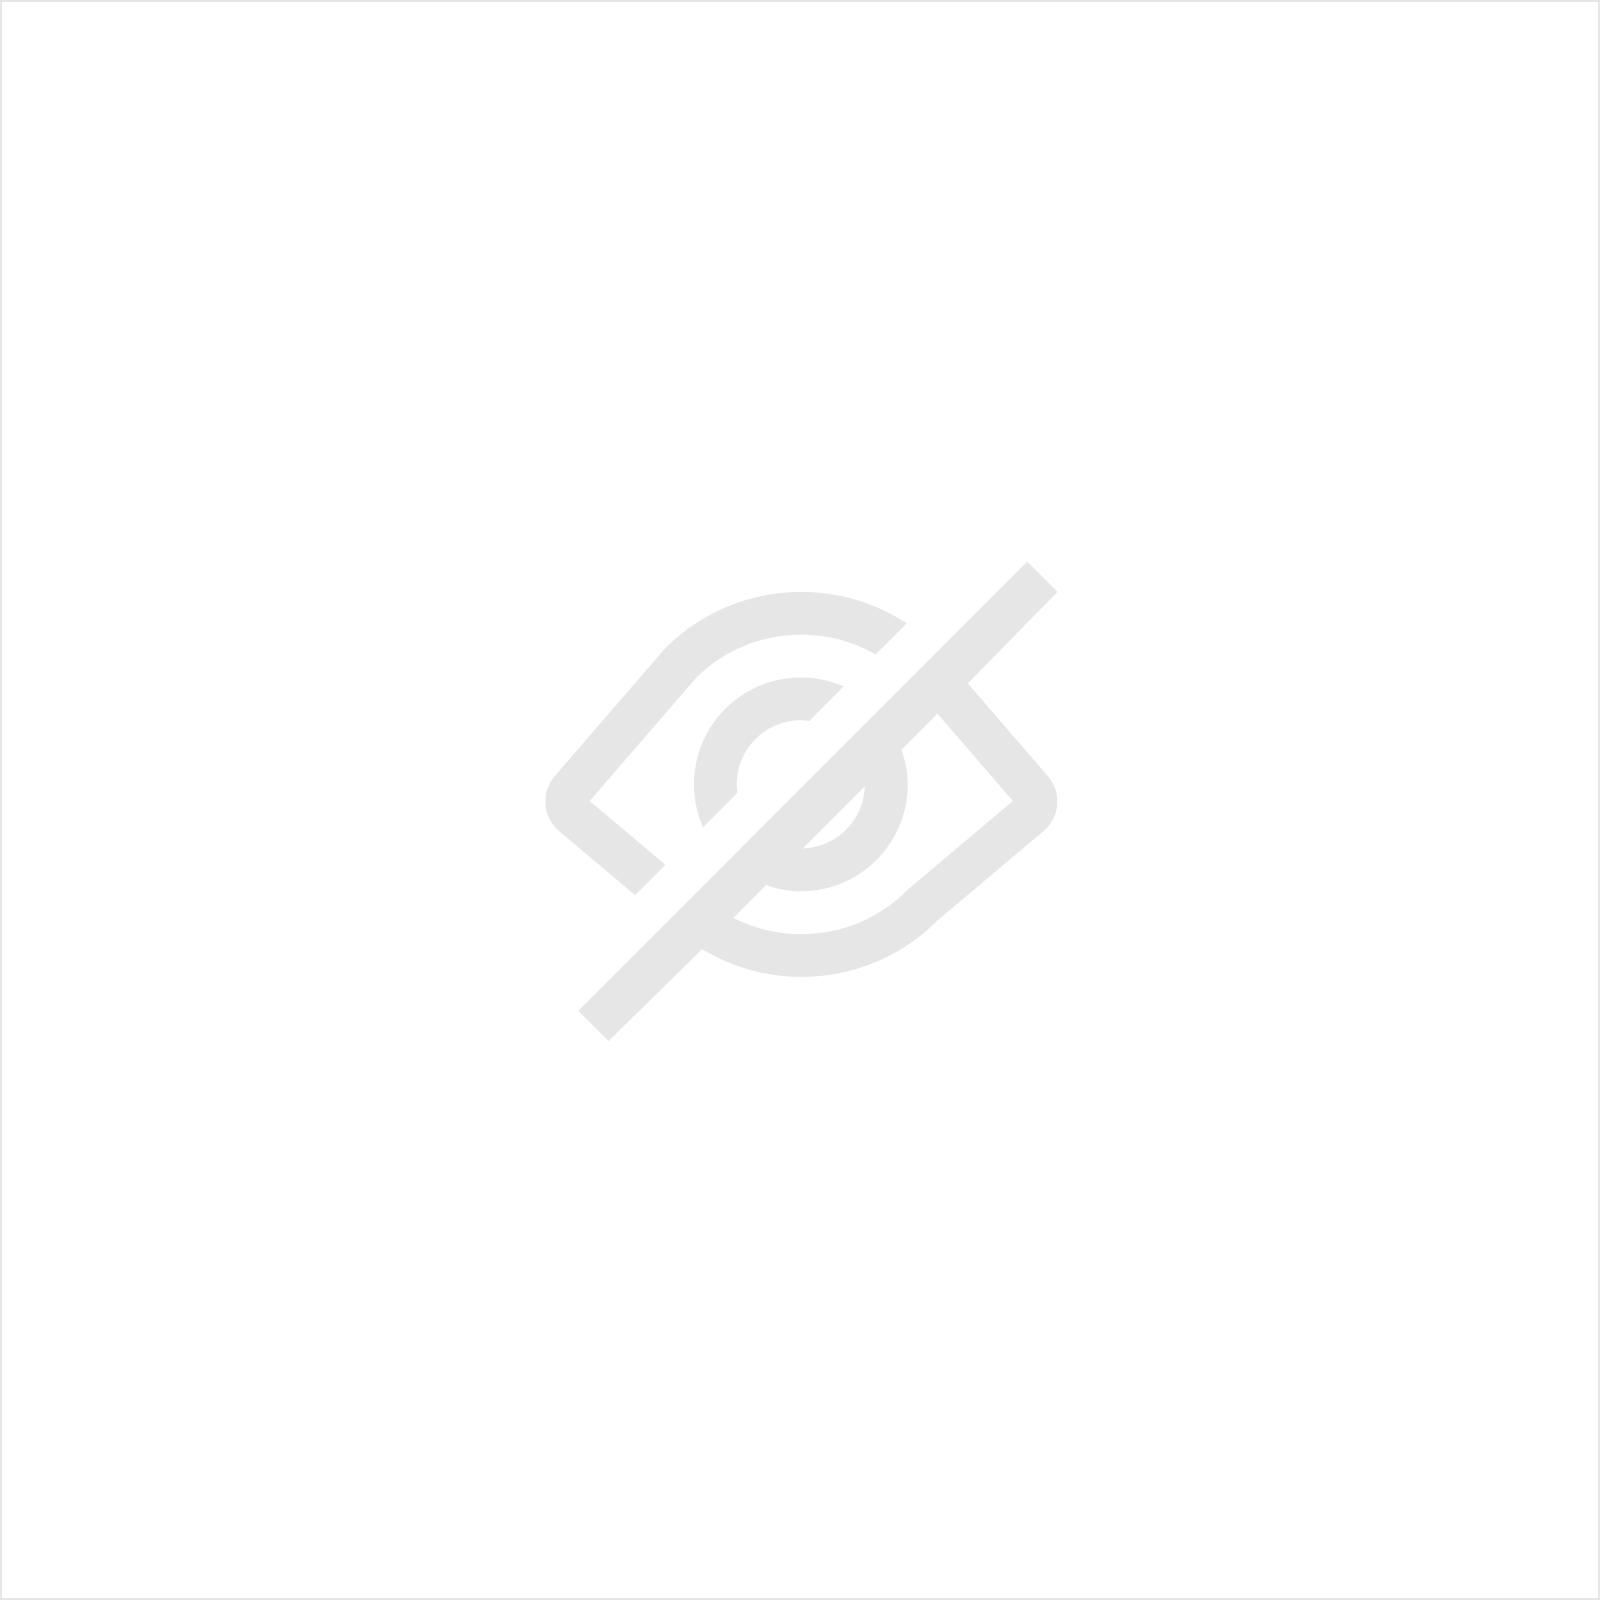 JEU DE MOLETTES OPTIONNELLES BECQUET - SPOILER ROLL - POUR BORDEUSE MOULUREUSE